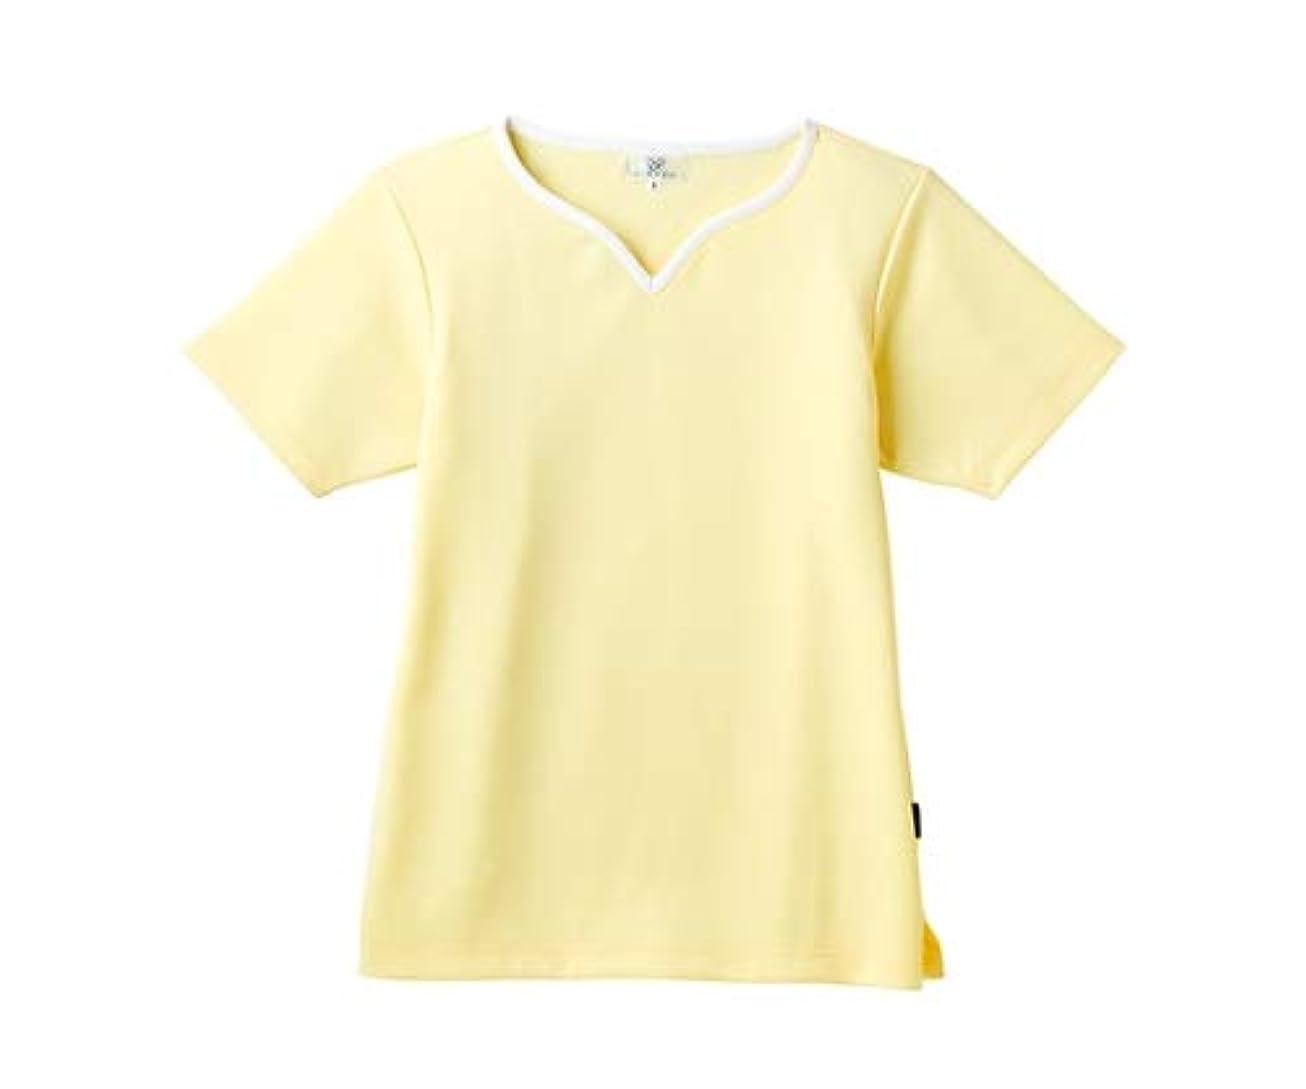 書き出す悪意のあるマーティンルーサーキングジュニアトンボ/KIRAKU レディス入浴介助用シャツ CR161 3L クリーム